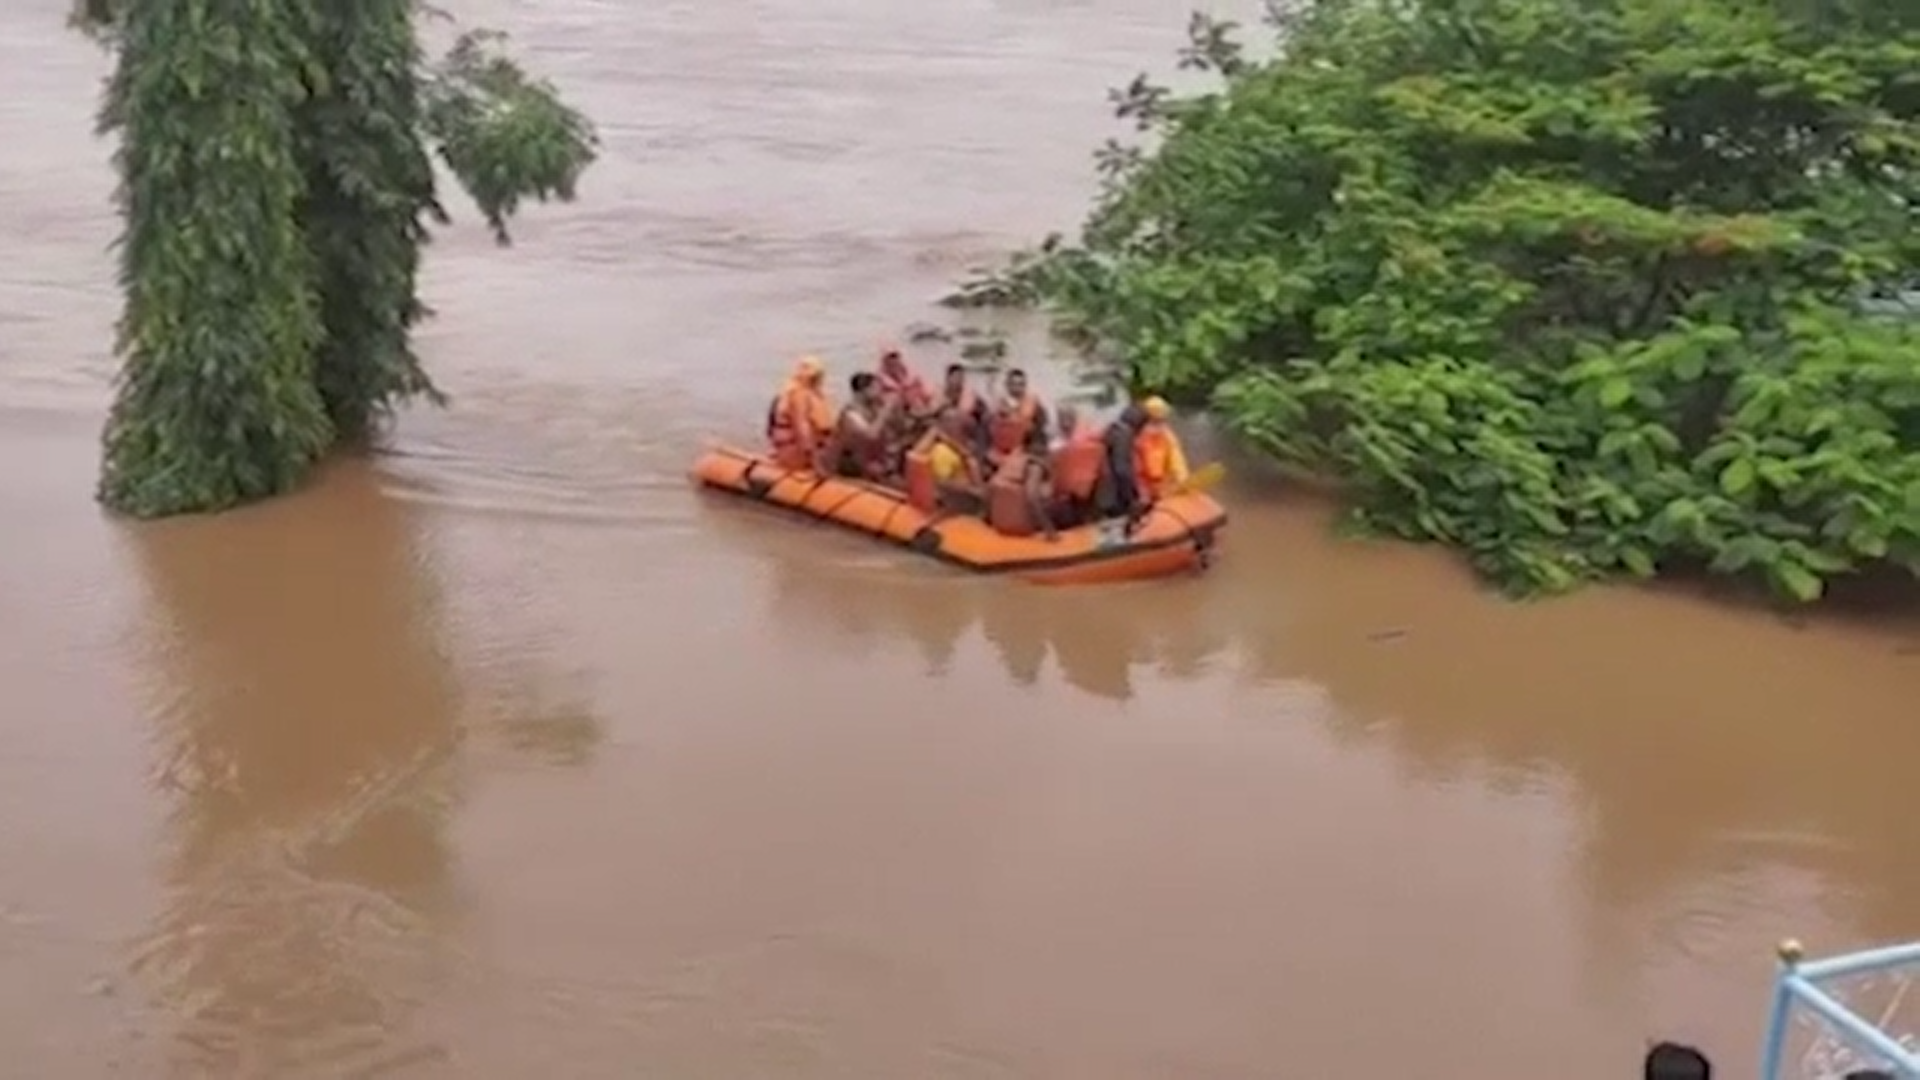 Vreme extremă în sudul Asiei. Aproape 140 de oameni și-au pierdut viața din cauza inundațiilor